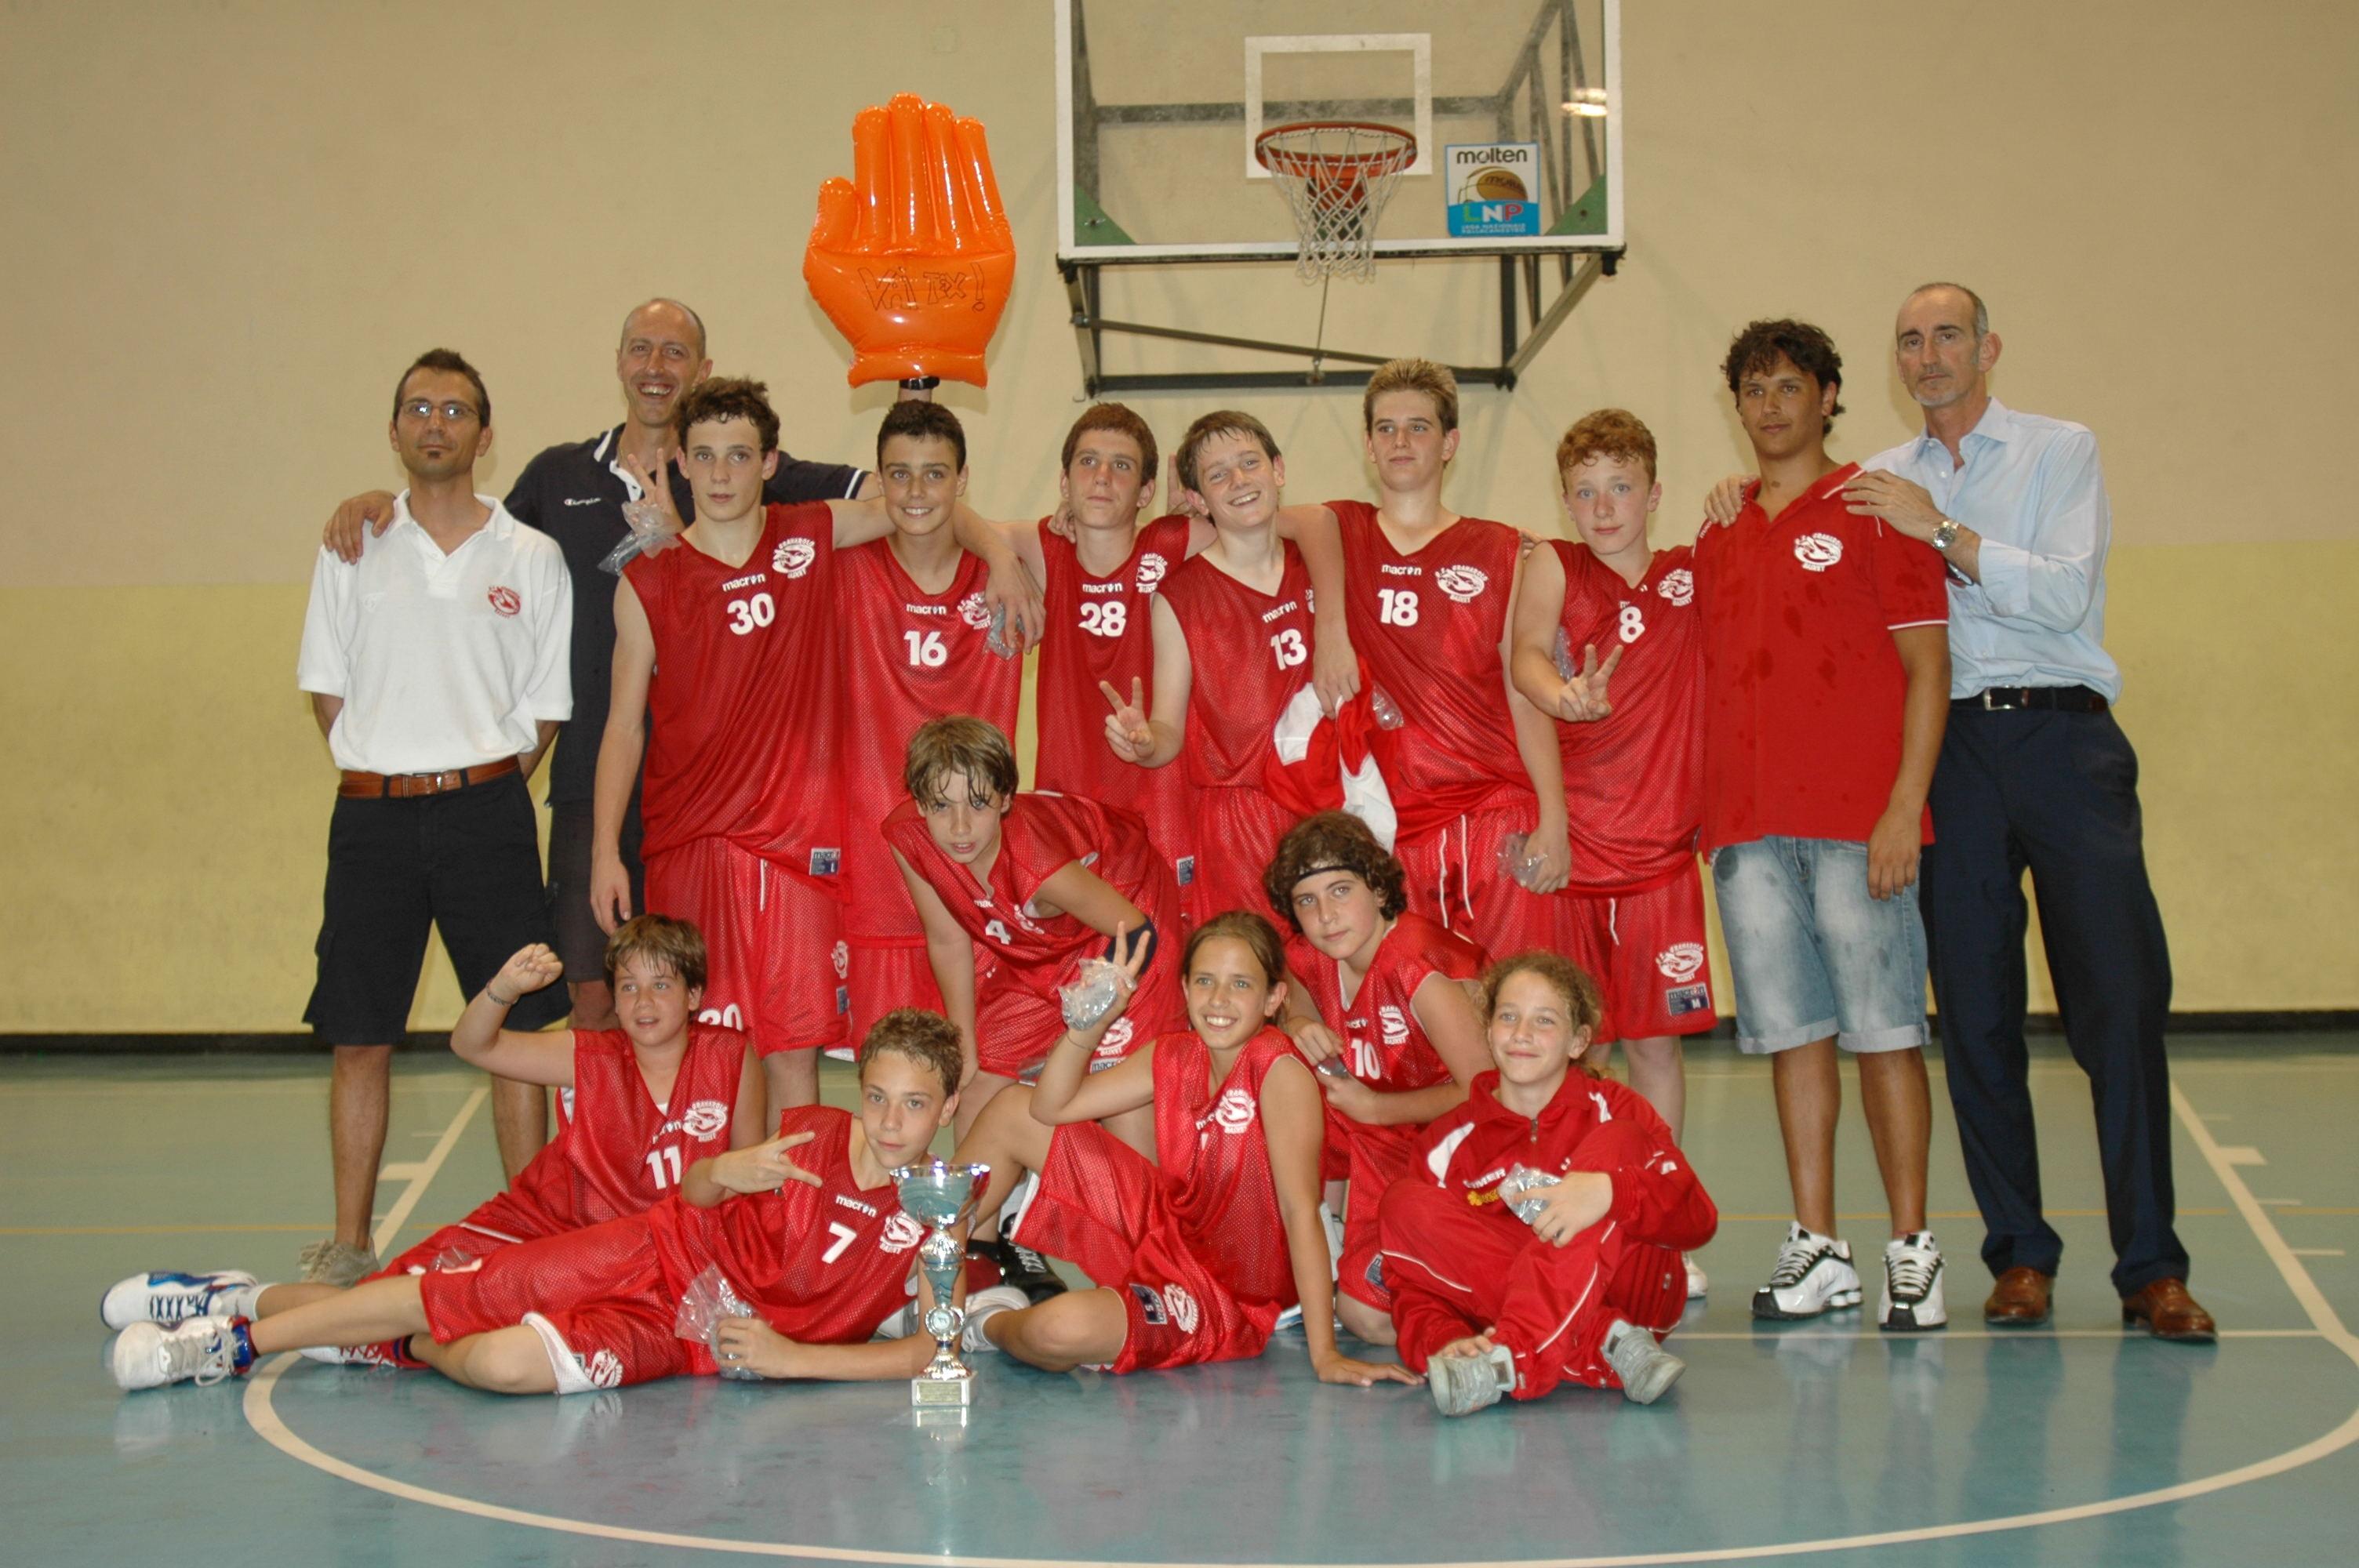 G.S. Granarolo Under 13. In alto da sinistra: DI STASIO IVANO (vice allenatore ), CASELLA MASSIMILIANO  (allenatore), GALDIERO FRANCESCO (n.30 ), MANTOVANI FRANCESCO (n.16 ), BALDINI GIACOMO (n.28), DI GENNARO EDOARDO (n.13), GIOVANNINI MATTEO (n.18 ), ZAIO ALESSANDRO (n. 8), ALBANO DANIELE (vice allenatore), GIOVANNINI ANDREA (direttore sportivo). In basso da sinistra: VARRONE LORENZO (n.11), CARRARA SIMONE (n.7), PREZIOSO DAVIDE (n.4), ALDRIGHETTI MARTA (n.5), MUZZI JACOPO (n.10), TESSERIN ANNAMARGHERITA.